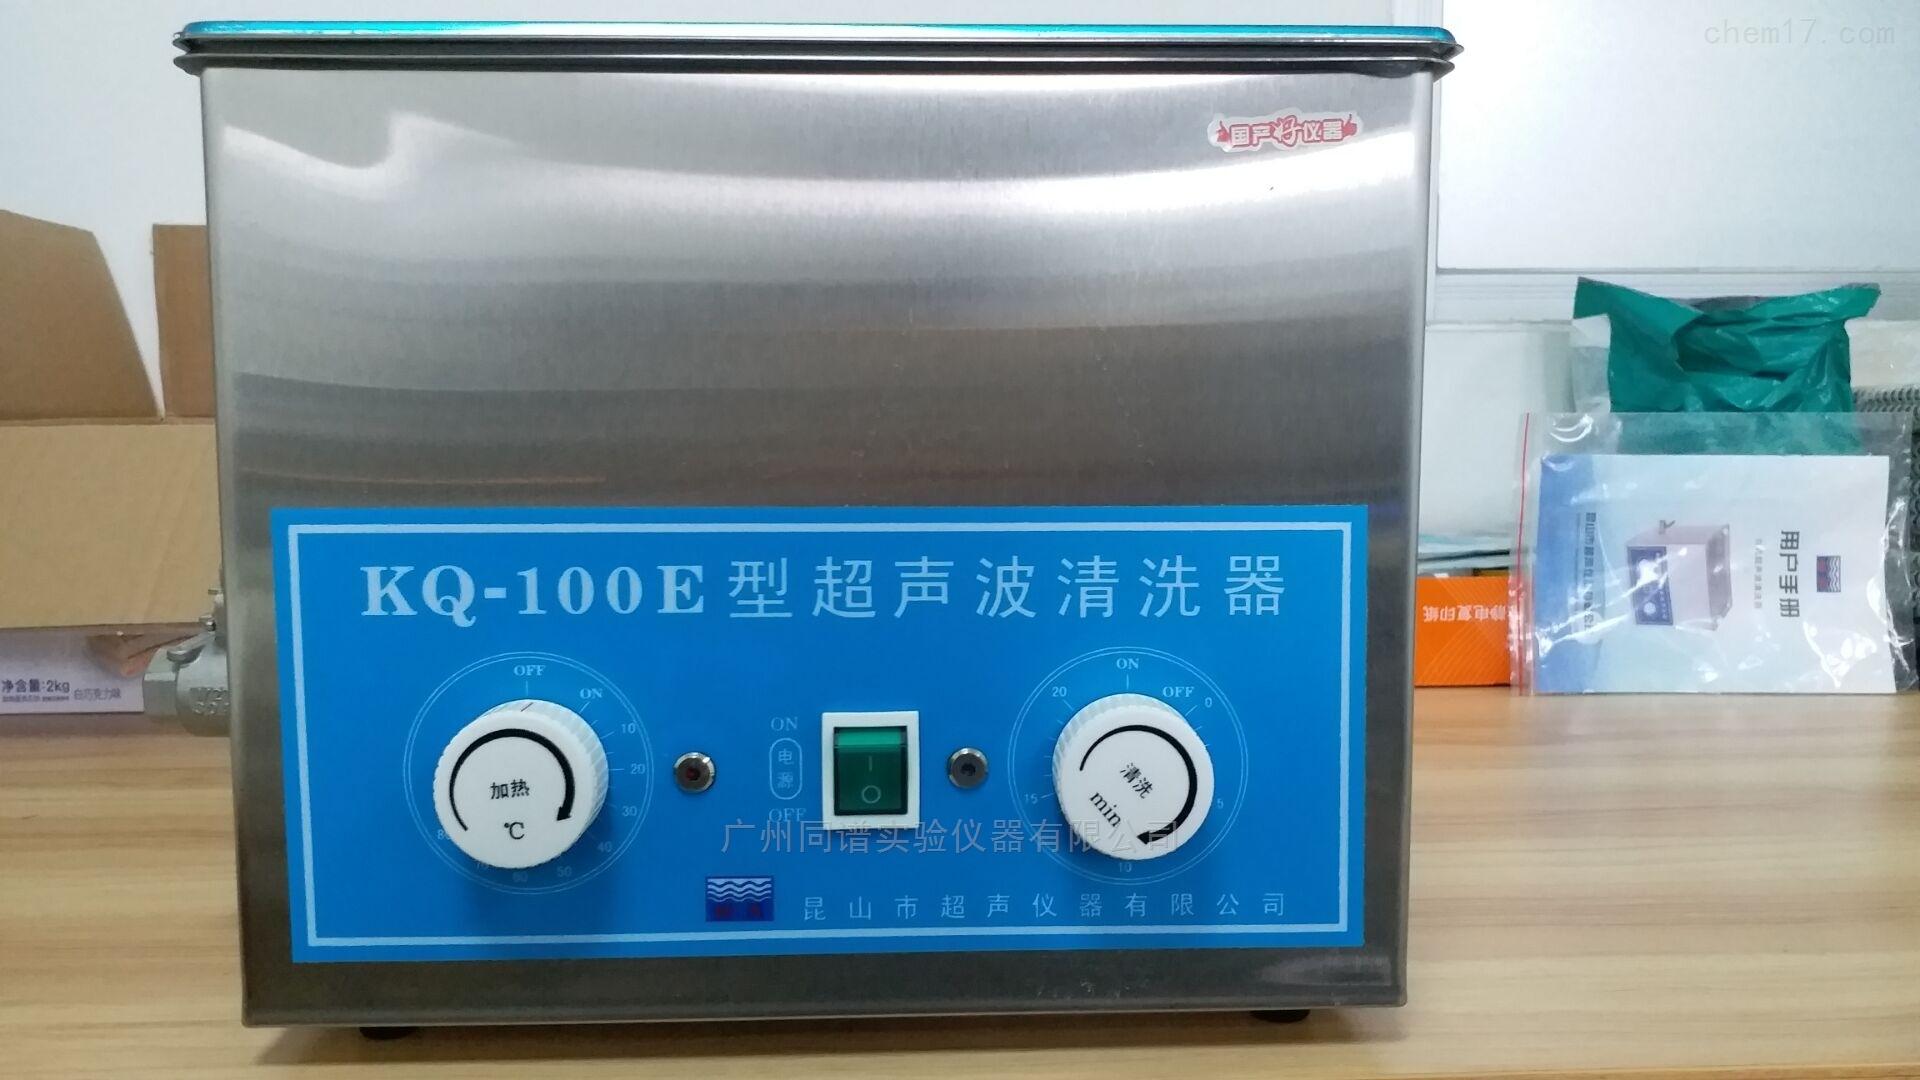 昆山舒美超声波清洗器KQ-100E